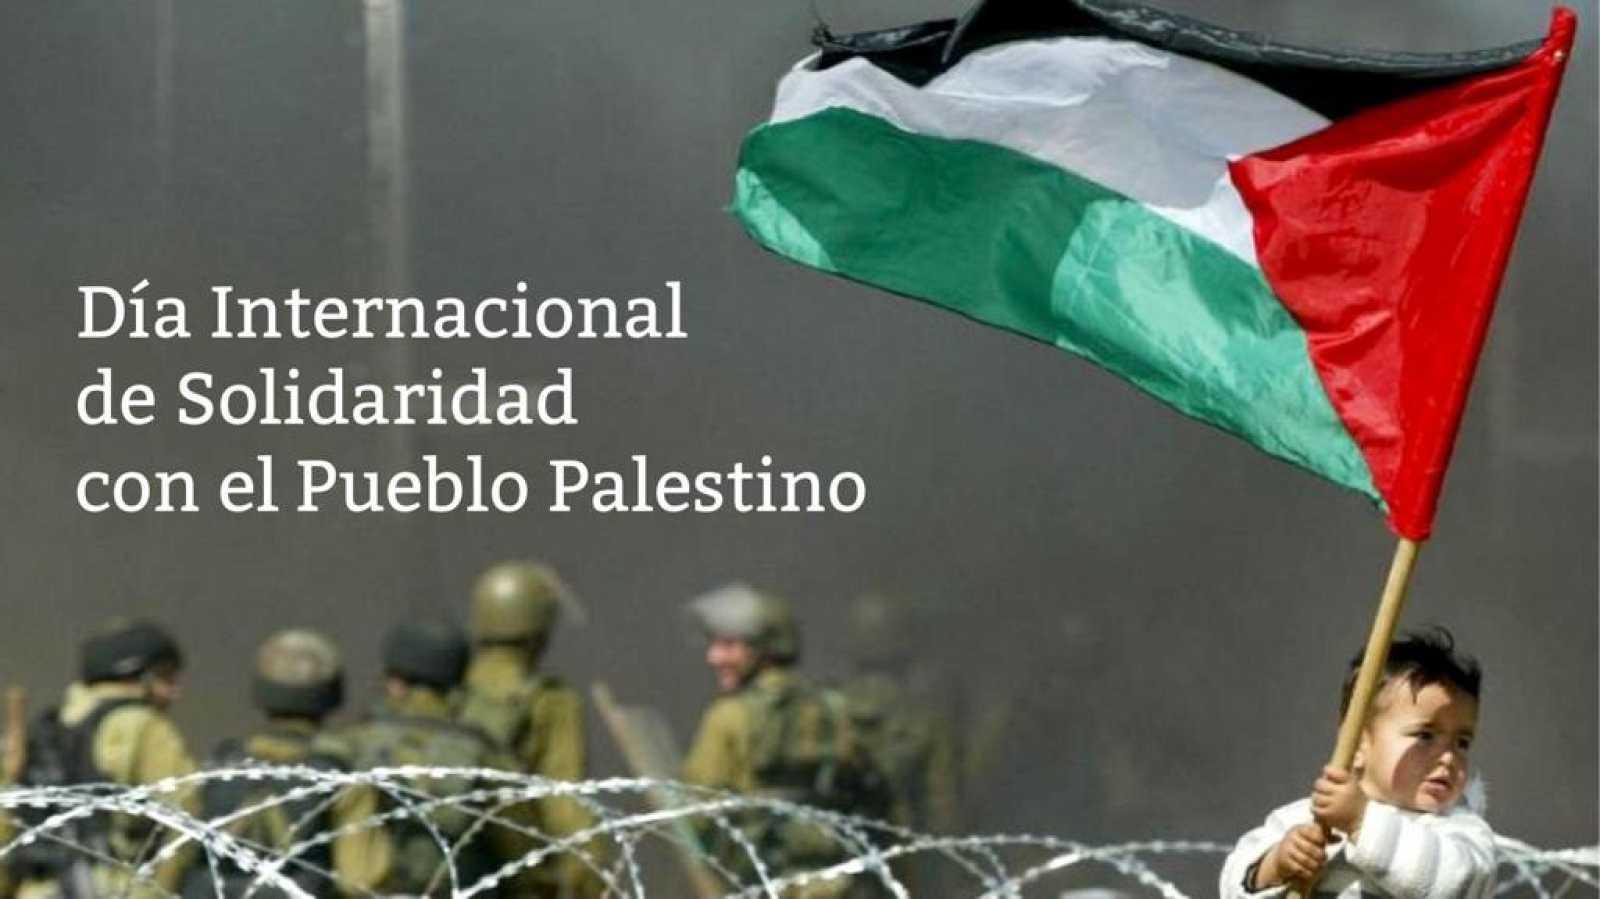 No es un día cualquiera - Matrimonios, divorcios y solidaridad con Palestina - Primera hora - 29/11/2020 - Escuchar ahora